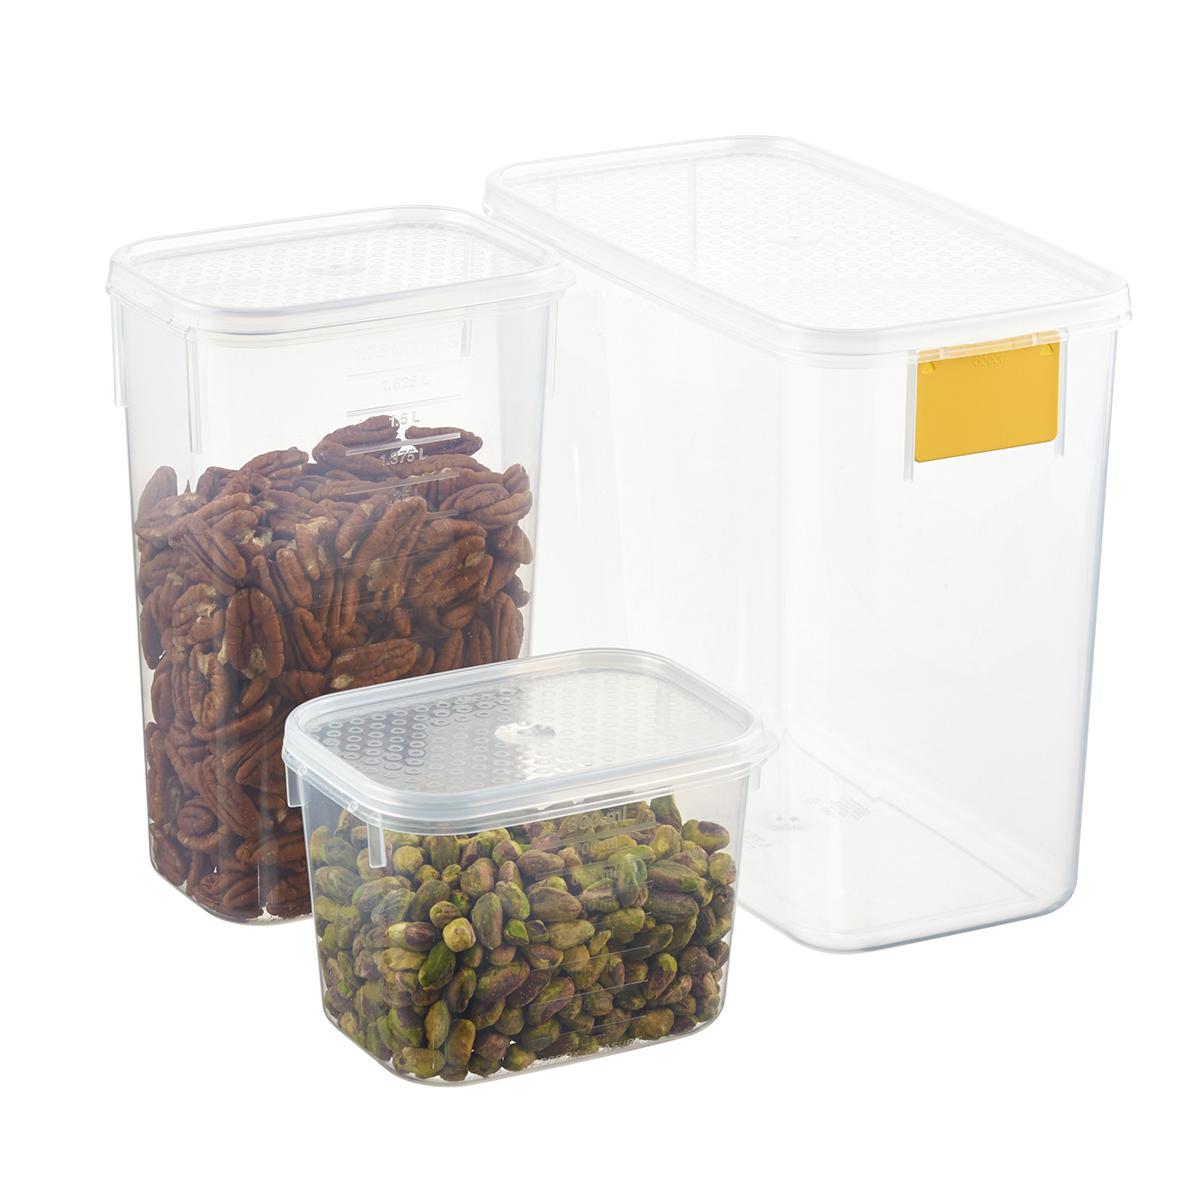 Tellfresh Tall Food Storage